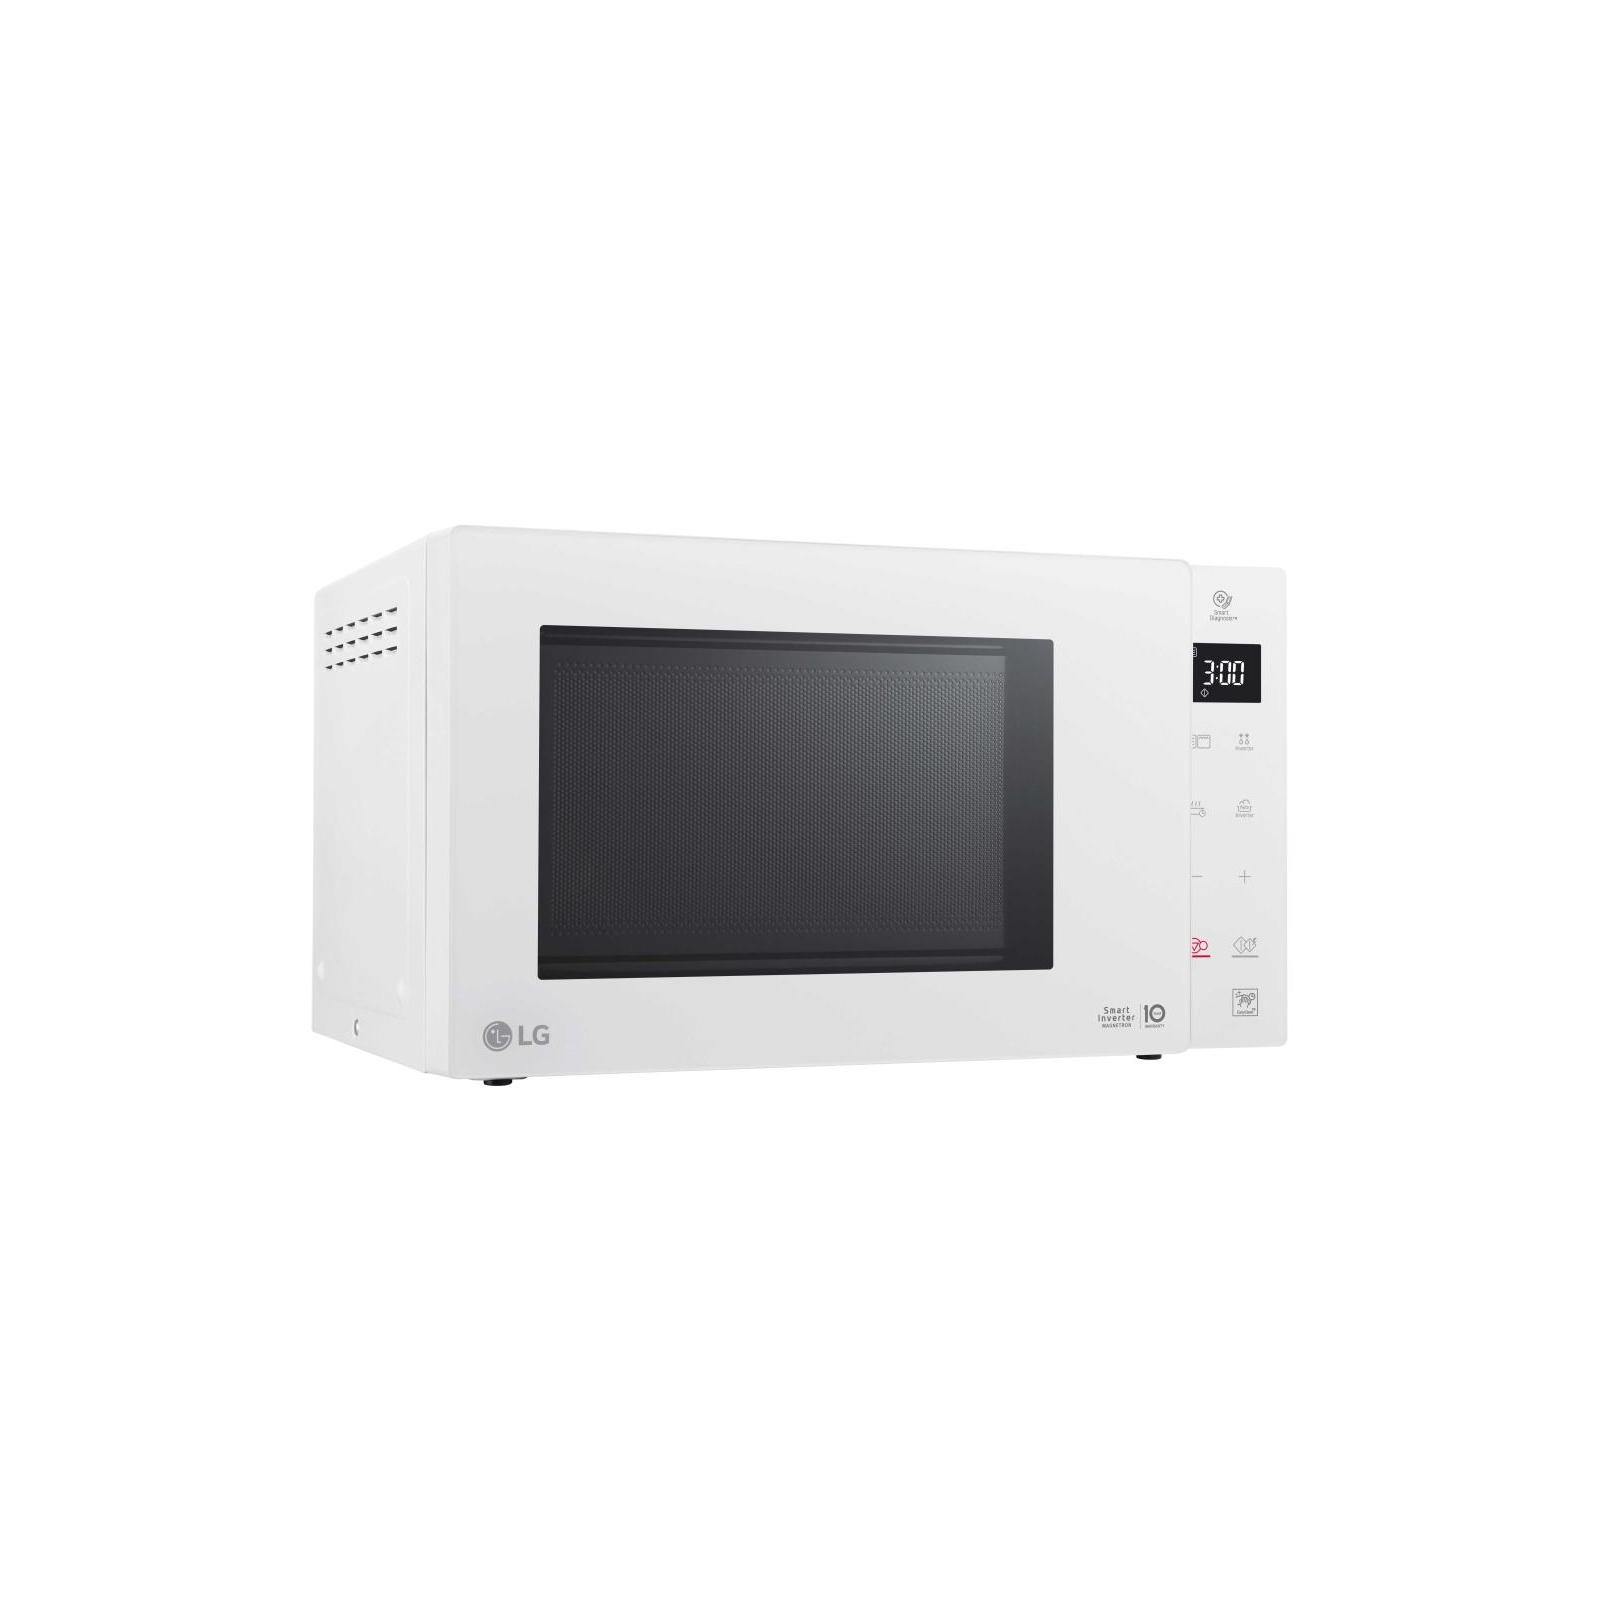 Микроволновая печь LG MH6336GIH изображение 2